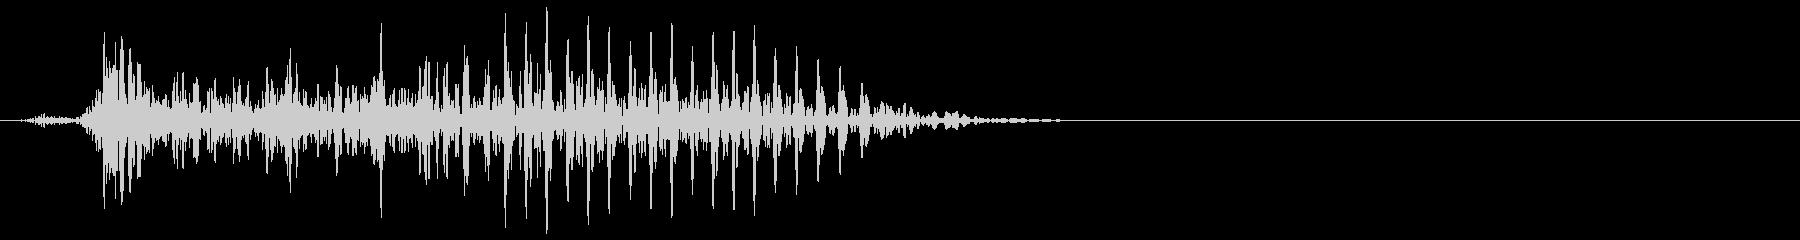 ゲーム掛け声ゾンビ1オー2の未再生の波形